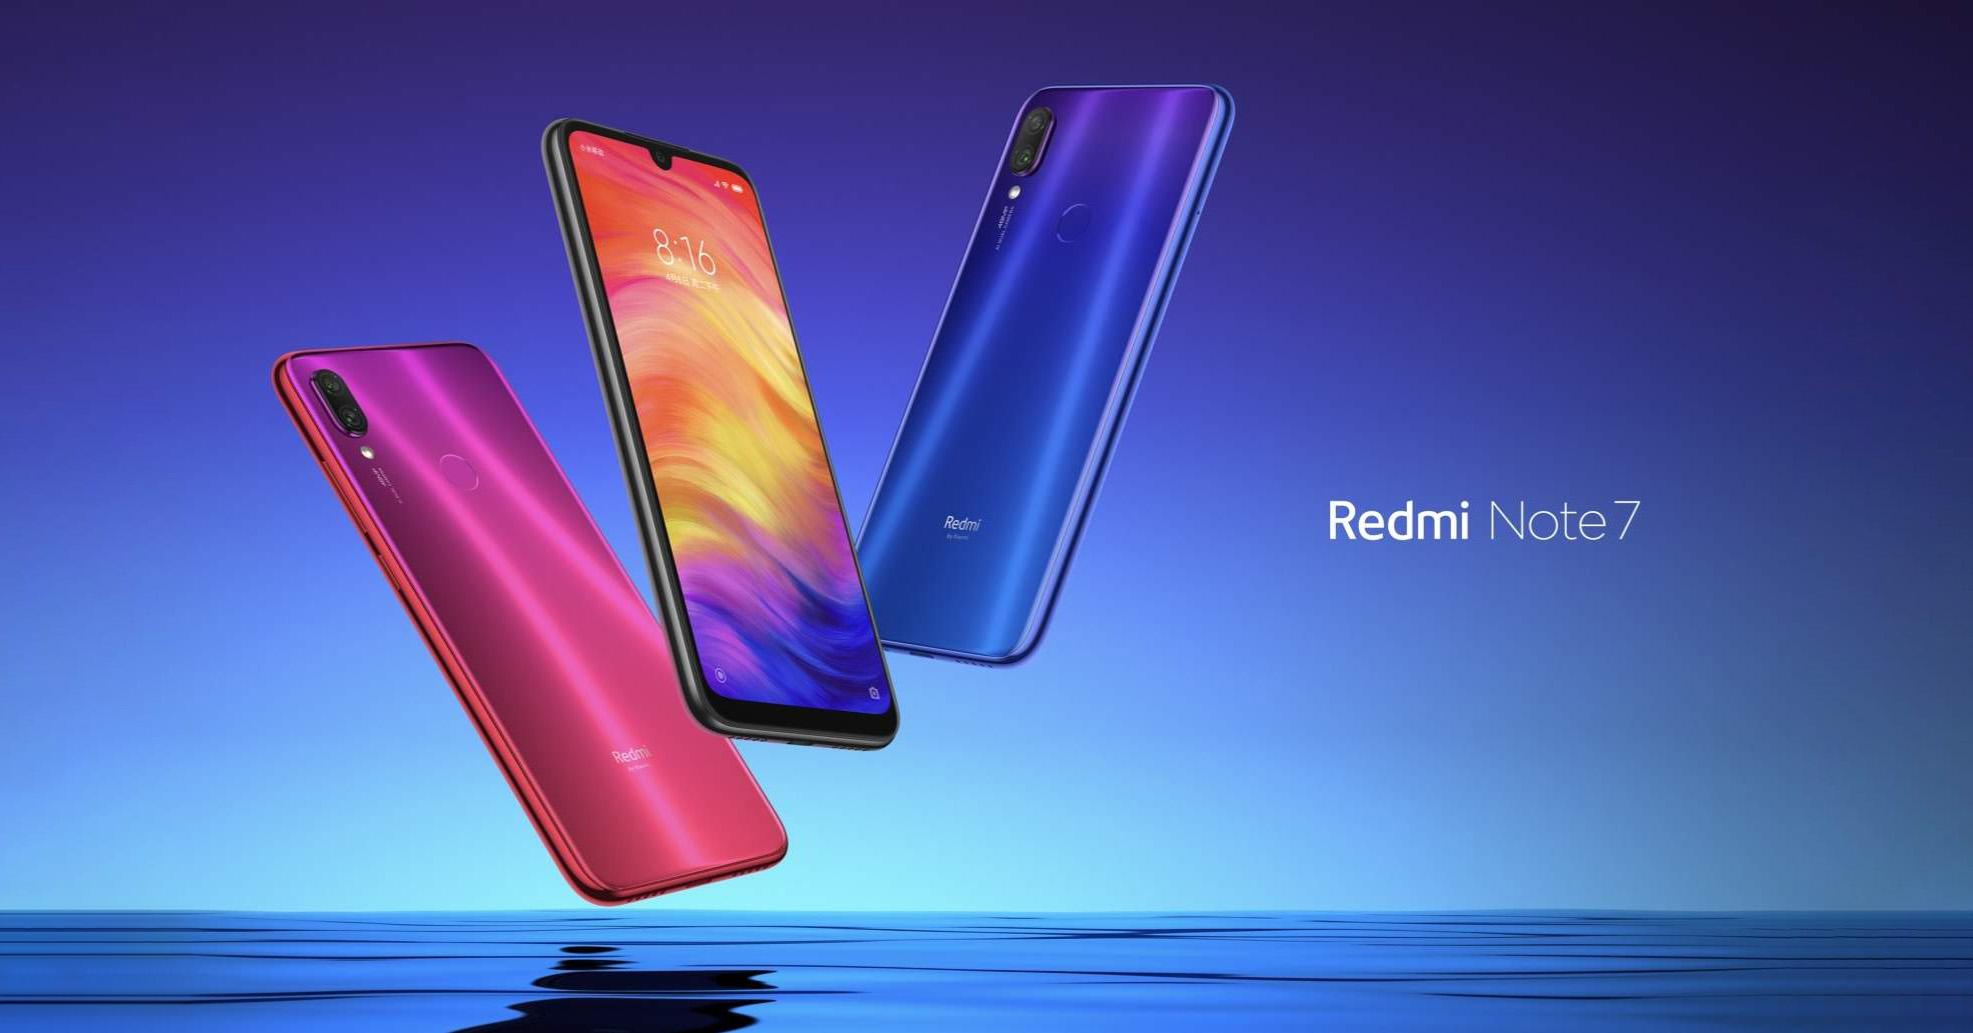 """Dòng Redmi Note giống như phiên bản """"nâng cấp nhẹ"""" của Redmi series với màn hình lớn hơn"""